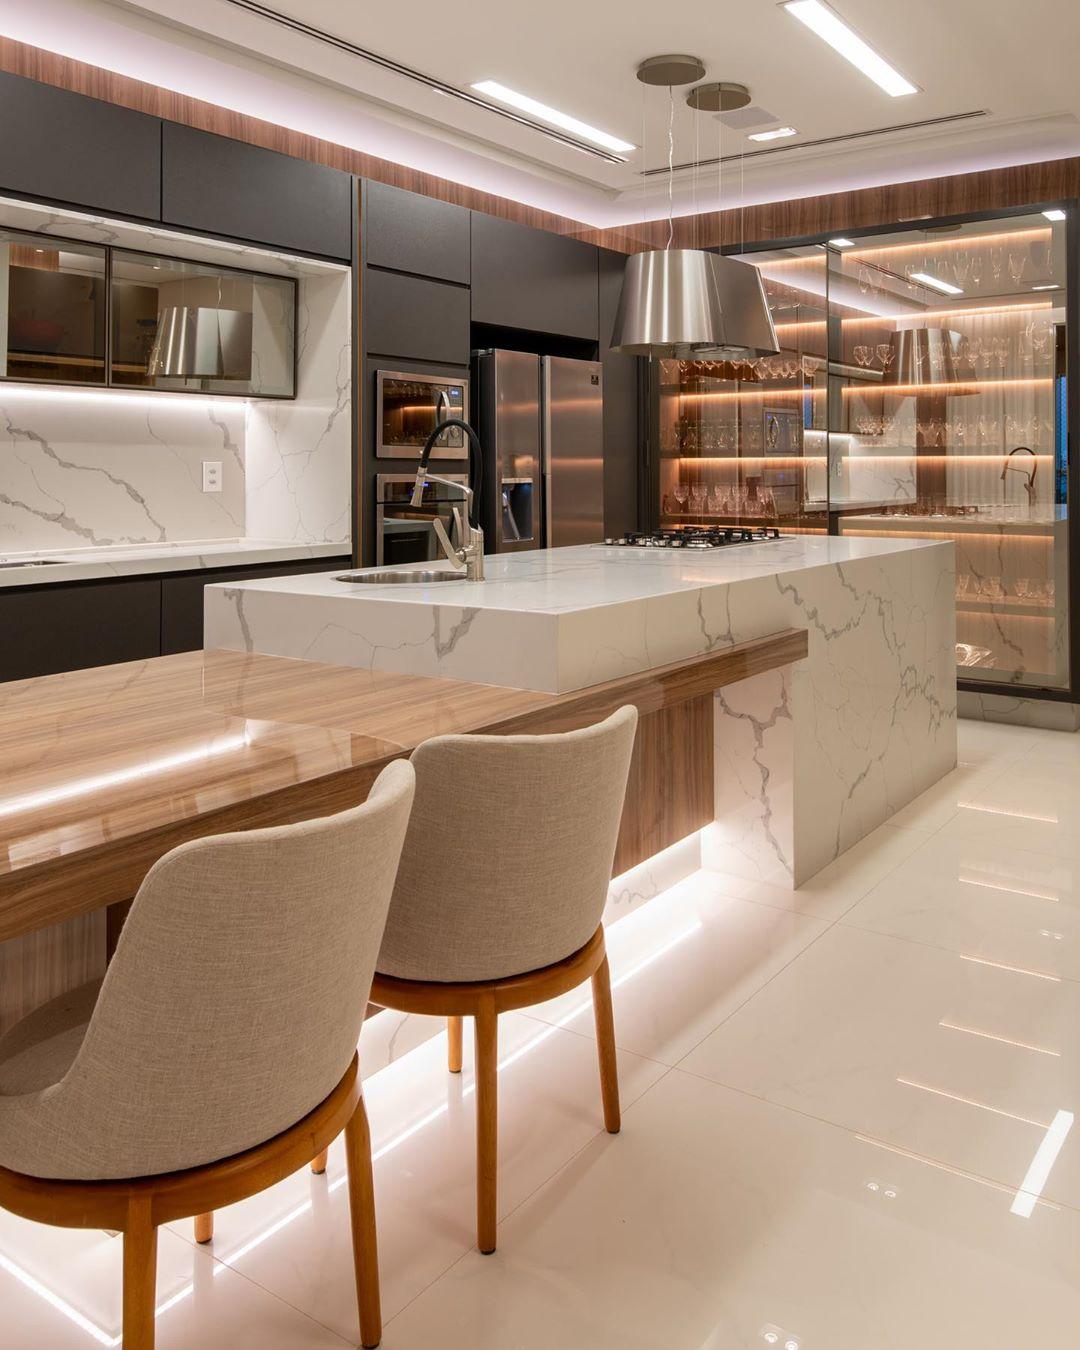 Cozinha contemporânea branca, cinza e amadeirada com cristaleira e ilha!